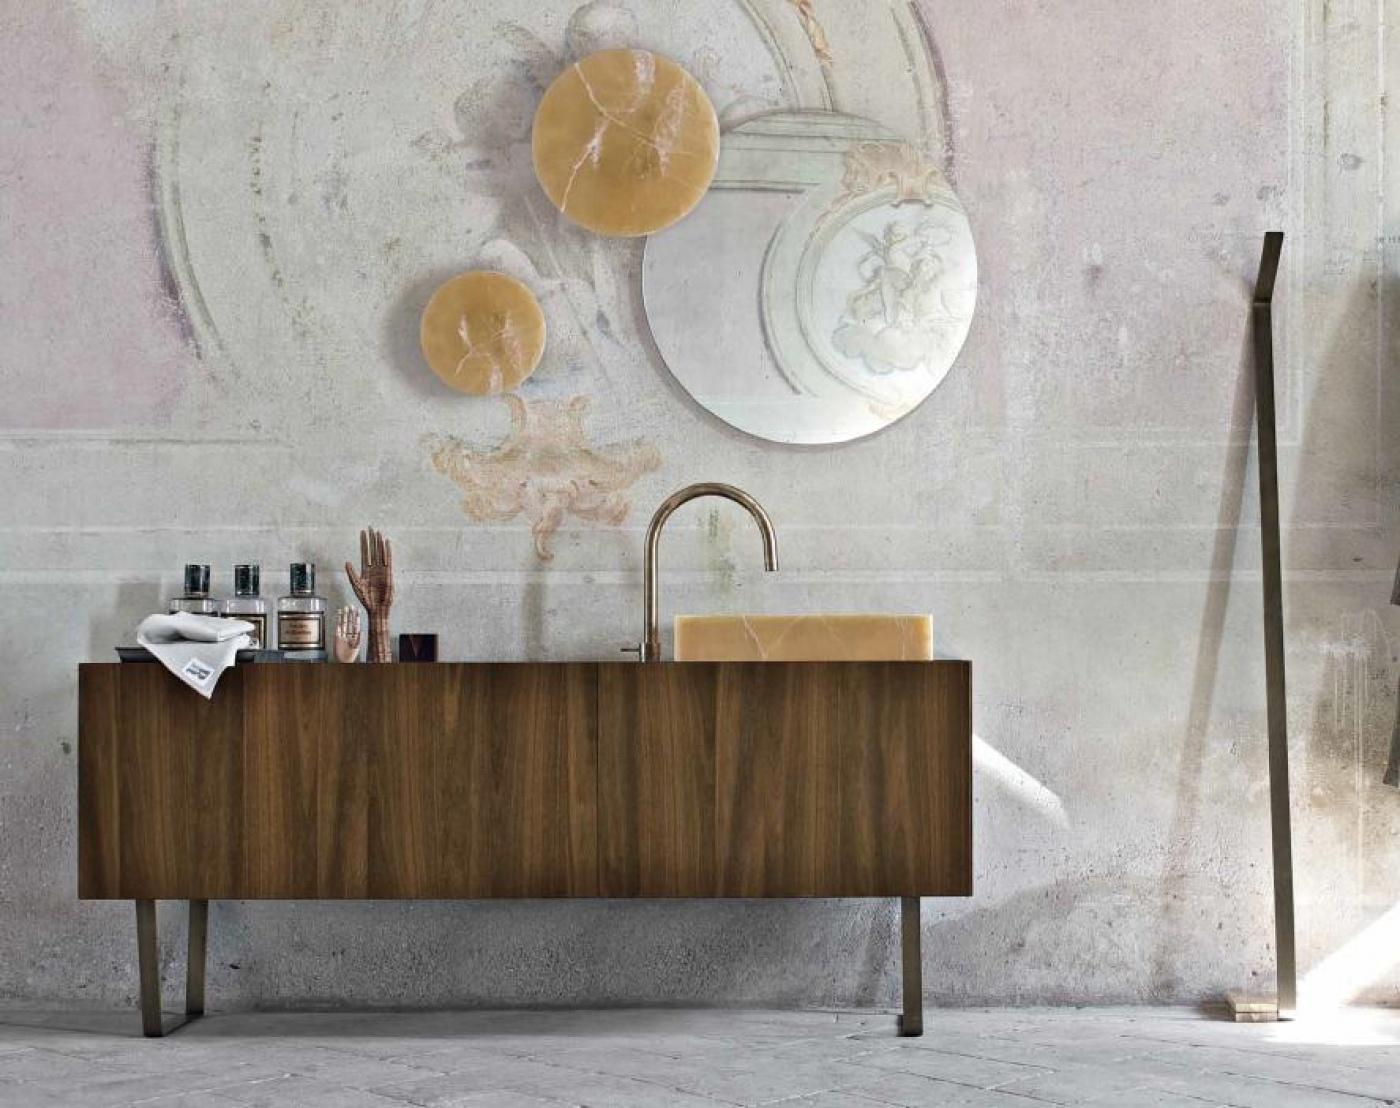 Bains avec meuble, miroir et robinet Altamarea Must et vasque en Onyx.